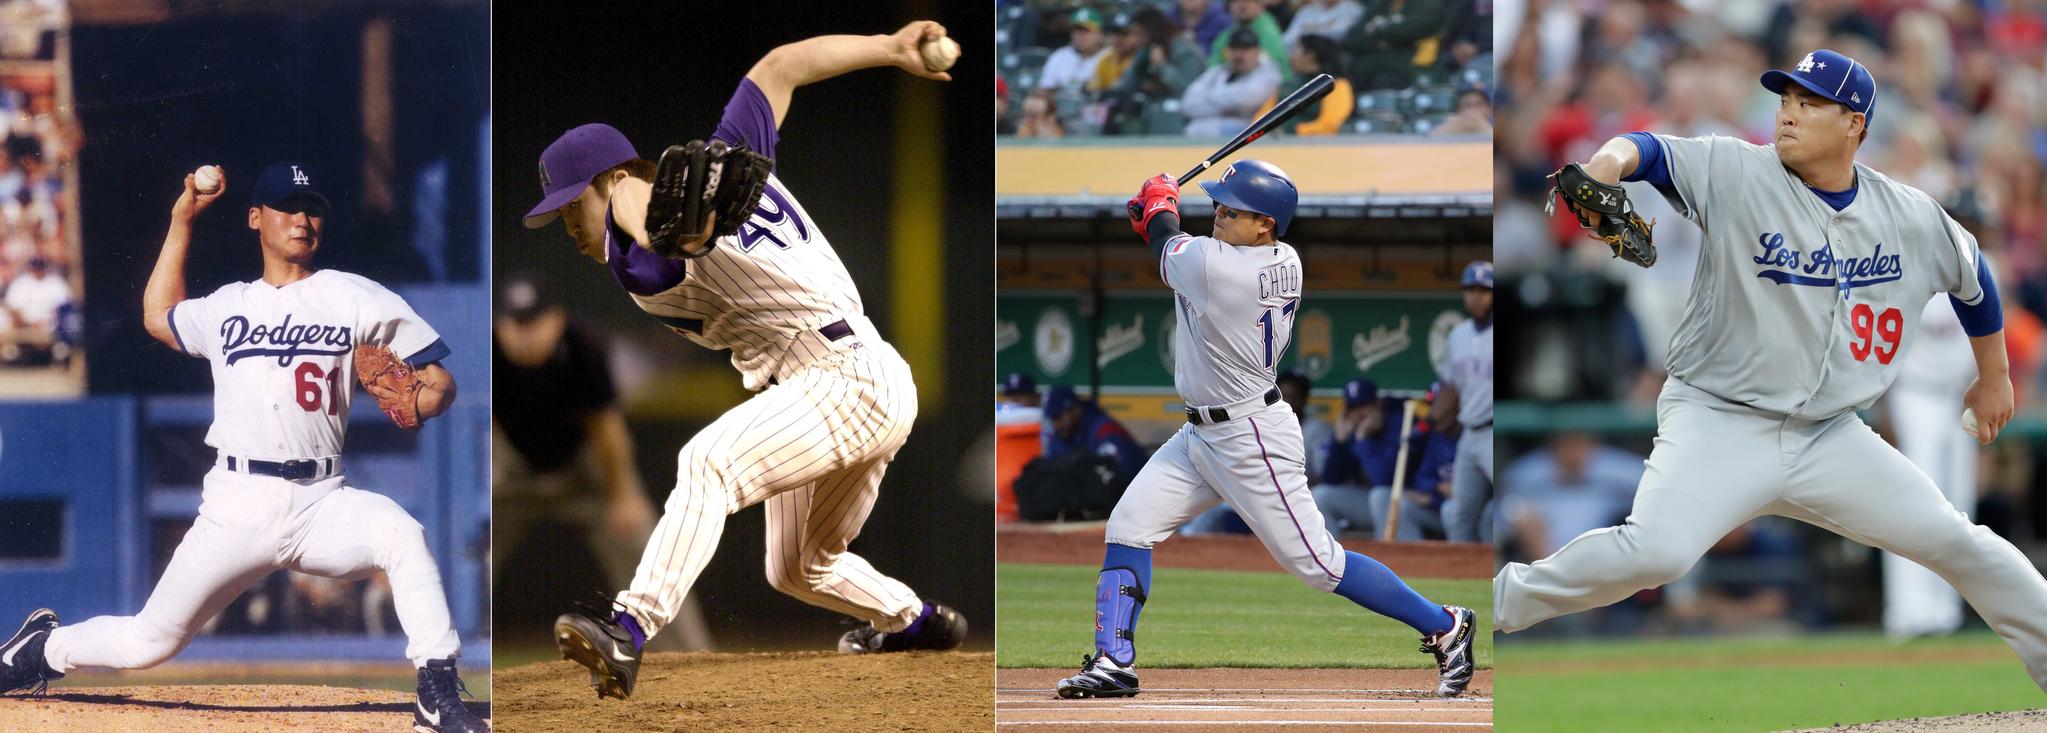 '코리안 몬스터' 류현진(LA 다저스)이 역대 한국인 선수로는 4번째로 미국프로야구 메이저리그(MLB) '별들의 무대'에서 내셔널리그팀 선발로 출전해 1이닝 무실점을 기록했다. 이로써 박찬호(2001년.왼쪽부터), 김병현(2002년), 추신수(2018년)에 이어 류현진은 4번째 한국인 빅리거 올스타로 맥을 이었다. [연합뉴스]